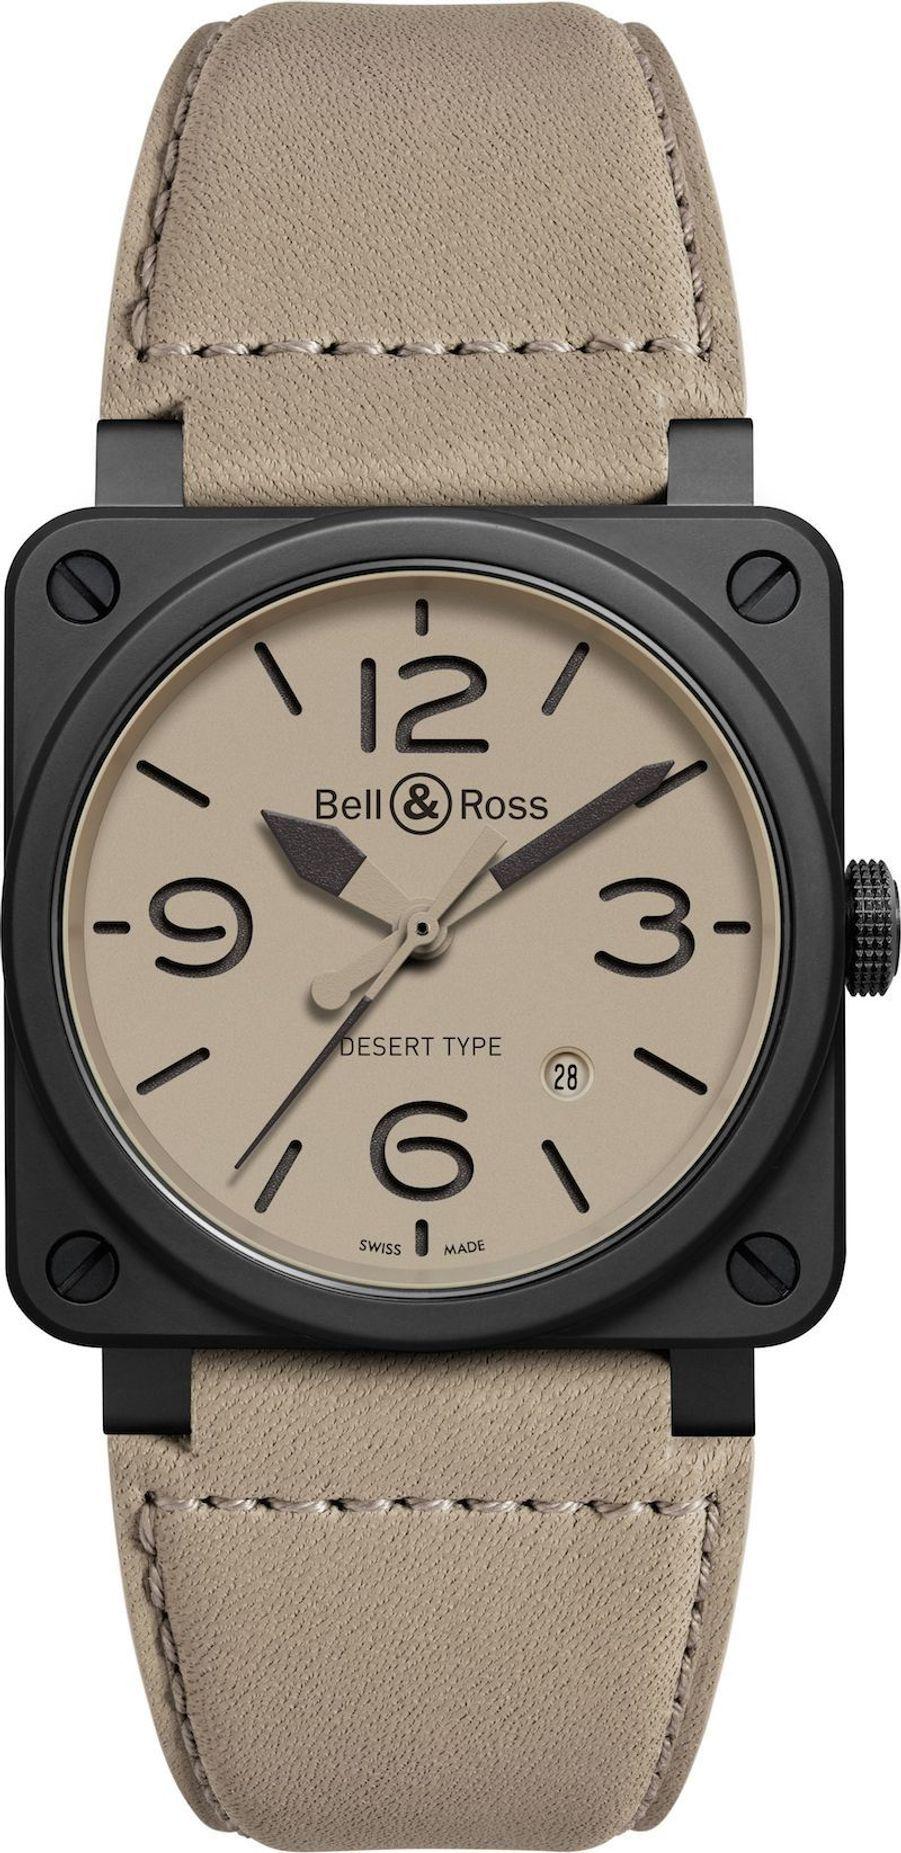 BR03-92 Desert Type, boîte en céramique, 42 mm x 42 mm, bracelet en cuir, mouvement automatique. Bell & Ross. 3 400 €.